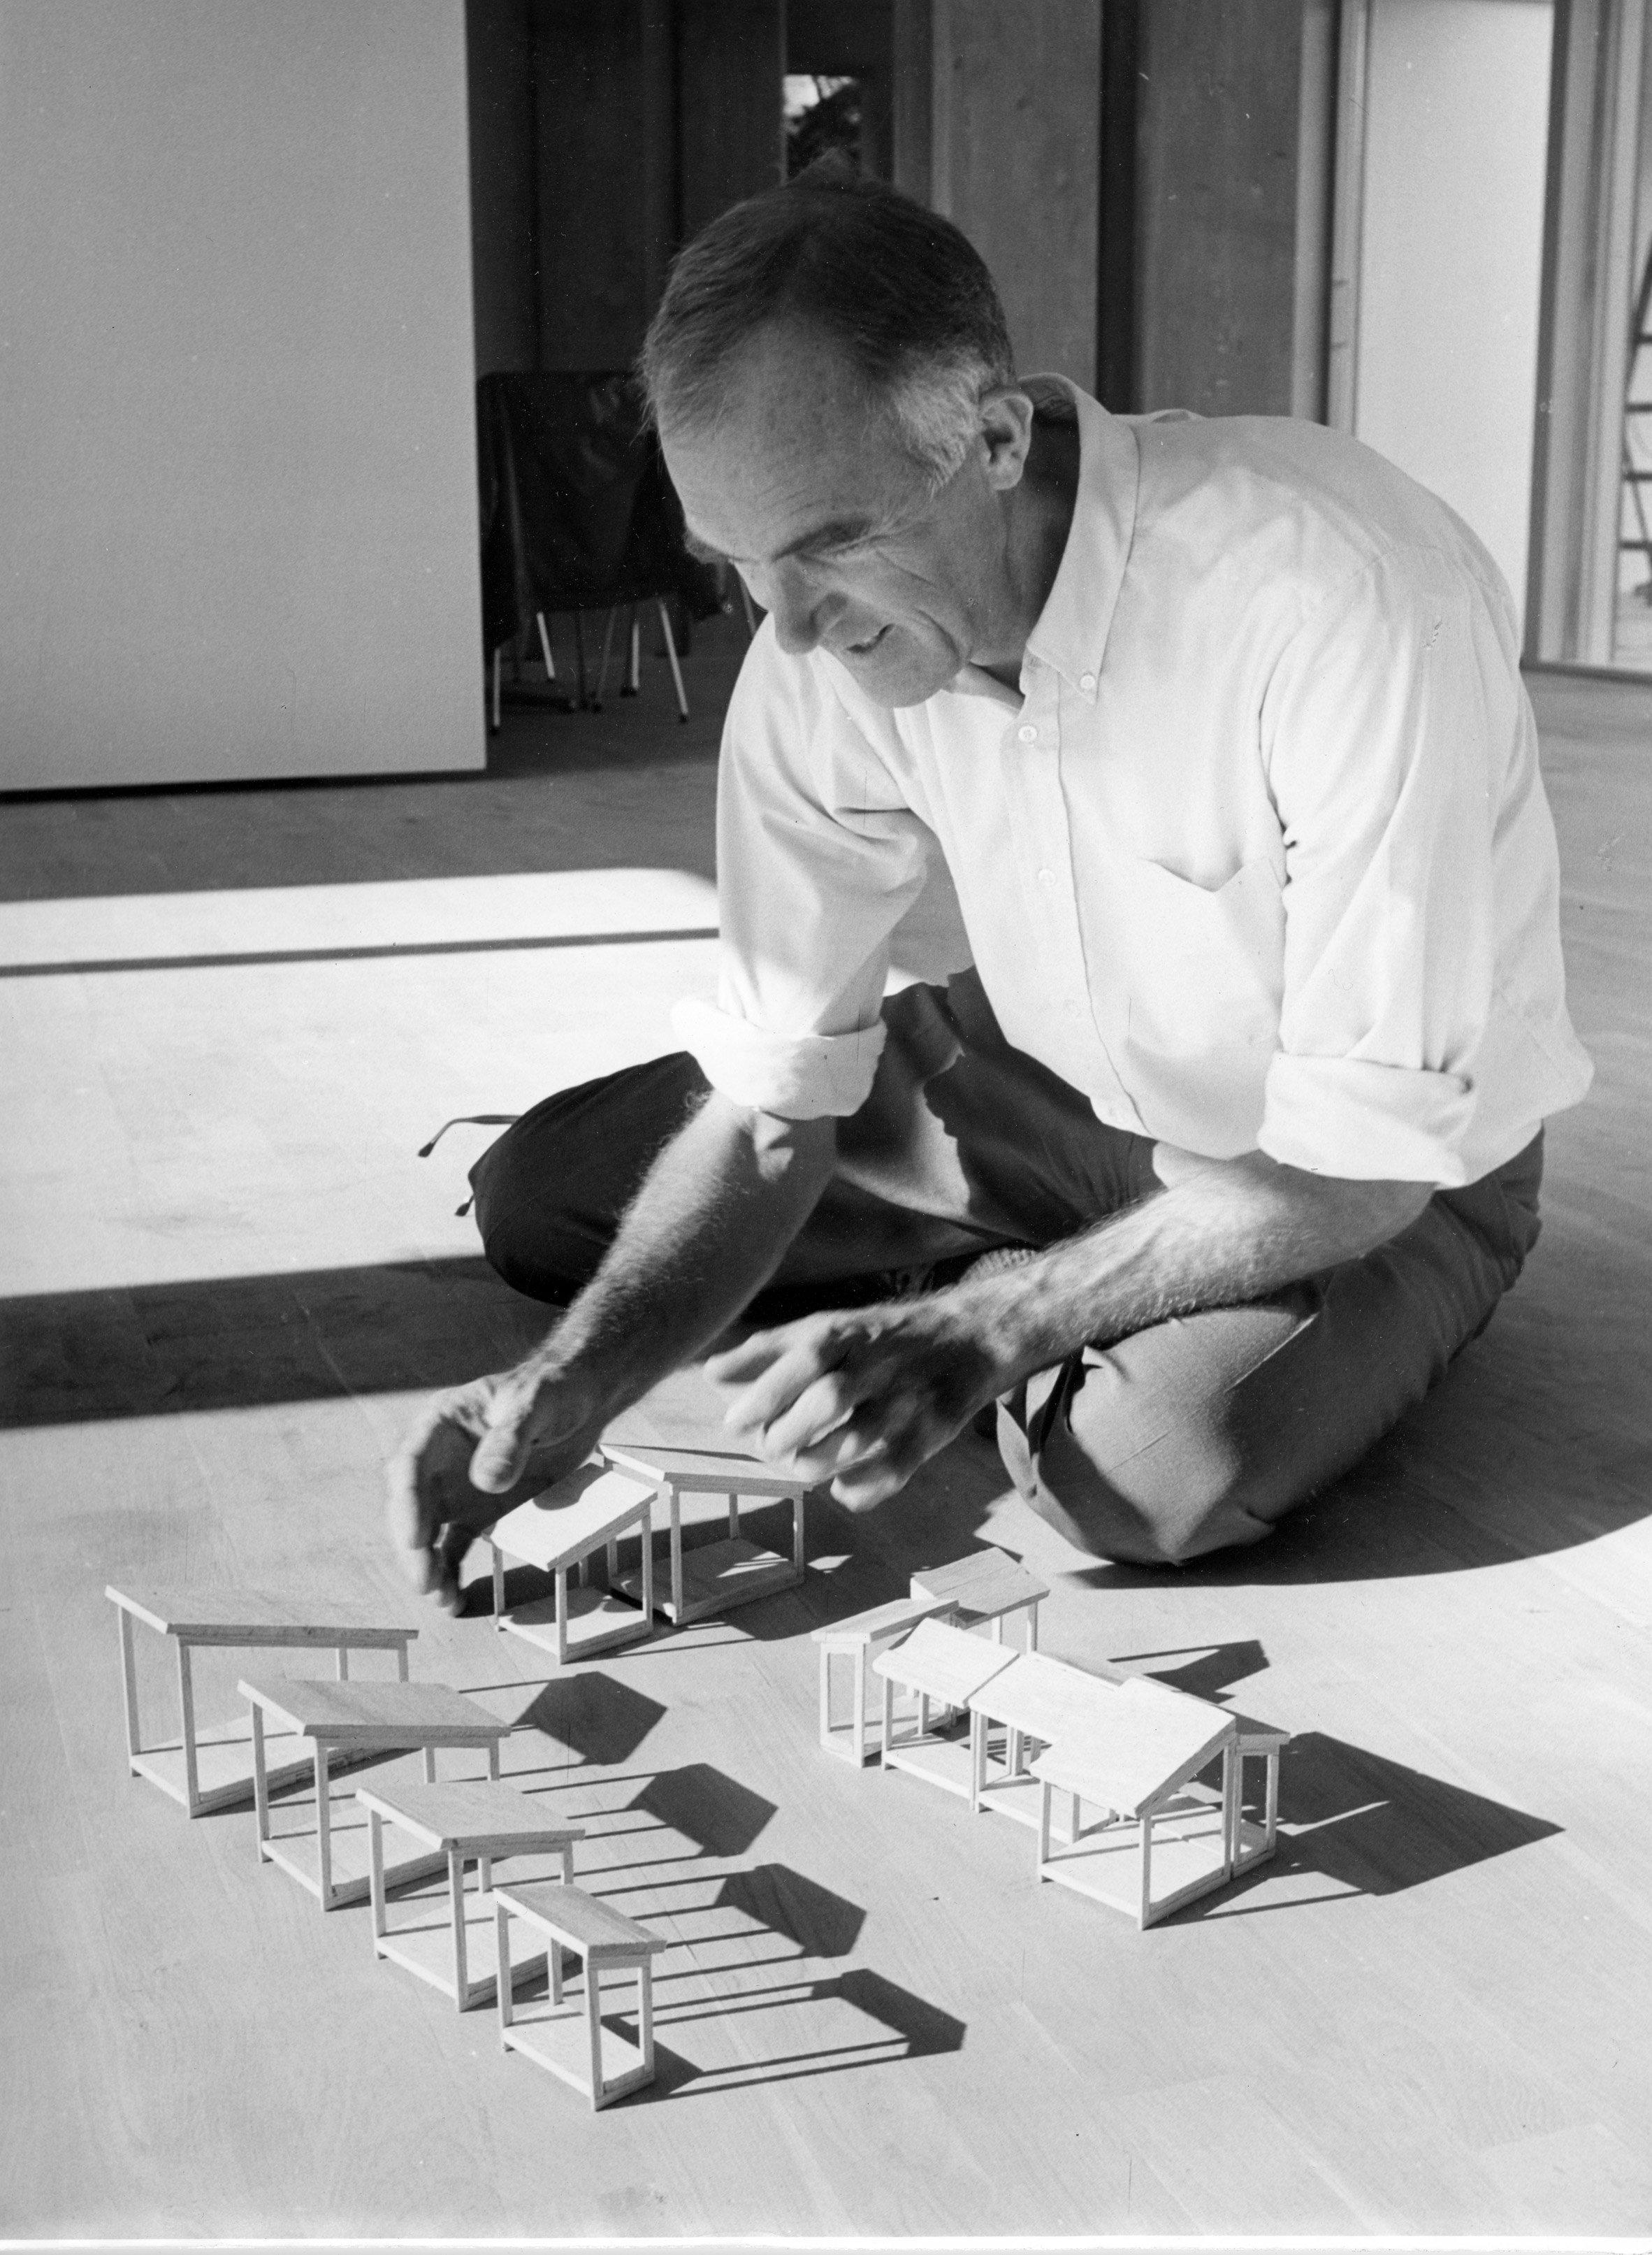 10 key projects by Sydney Opera House architect Jørn Utzon